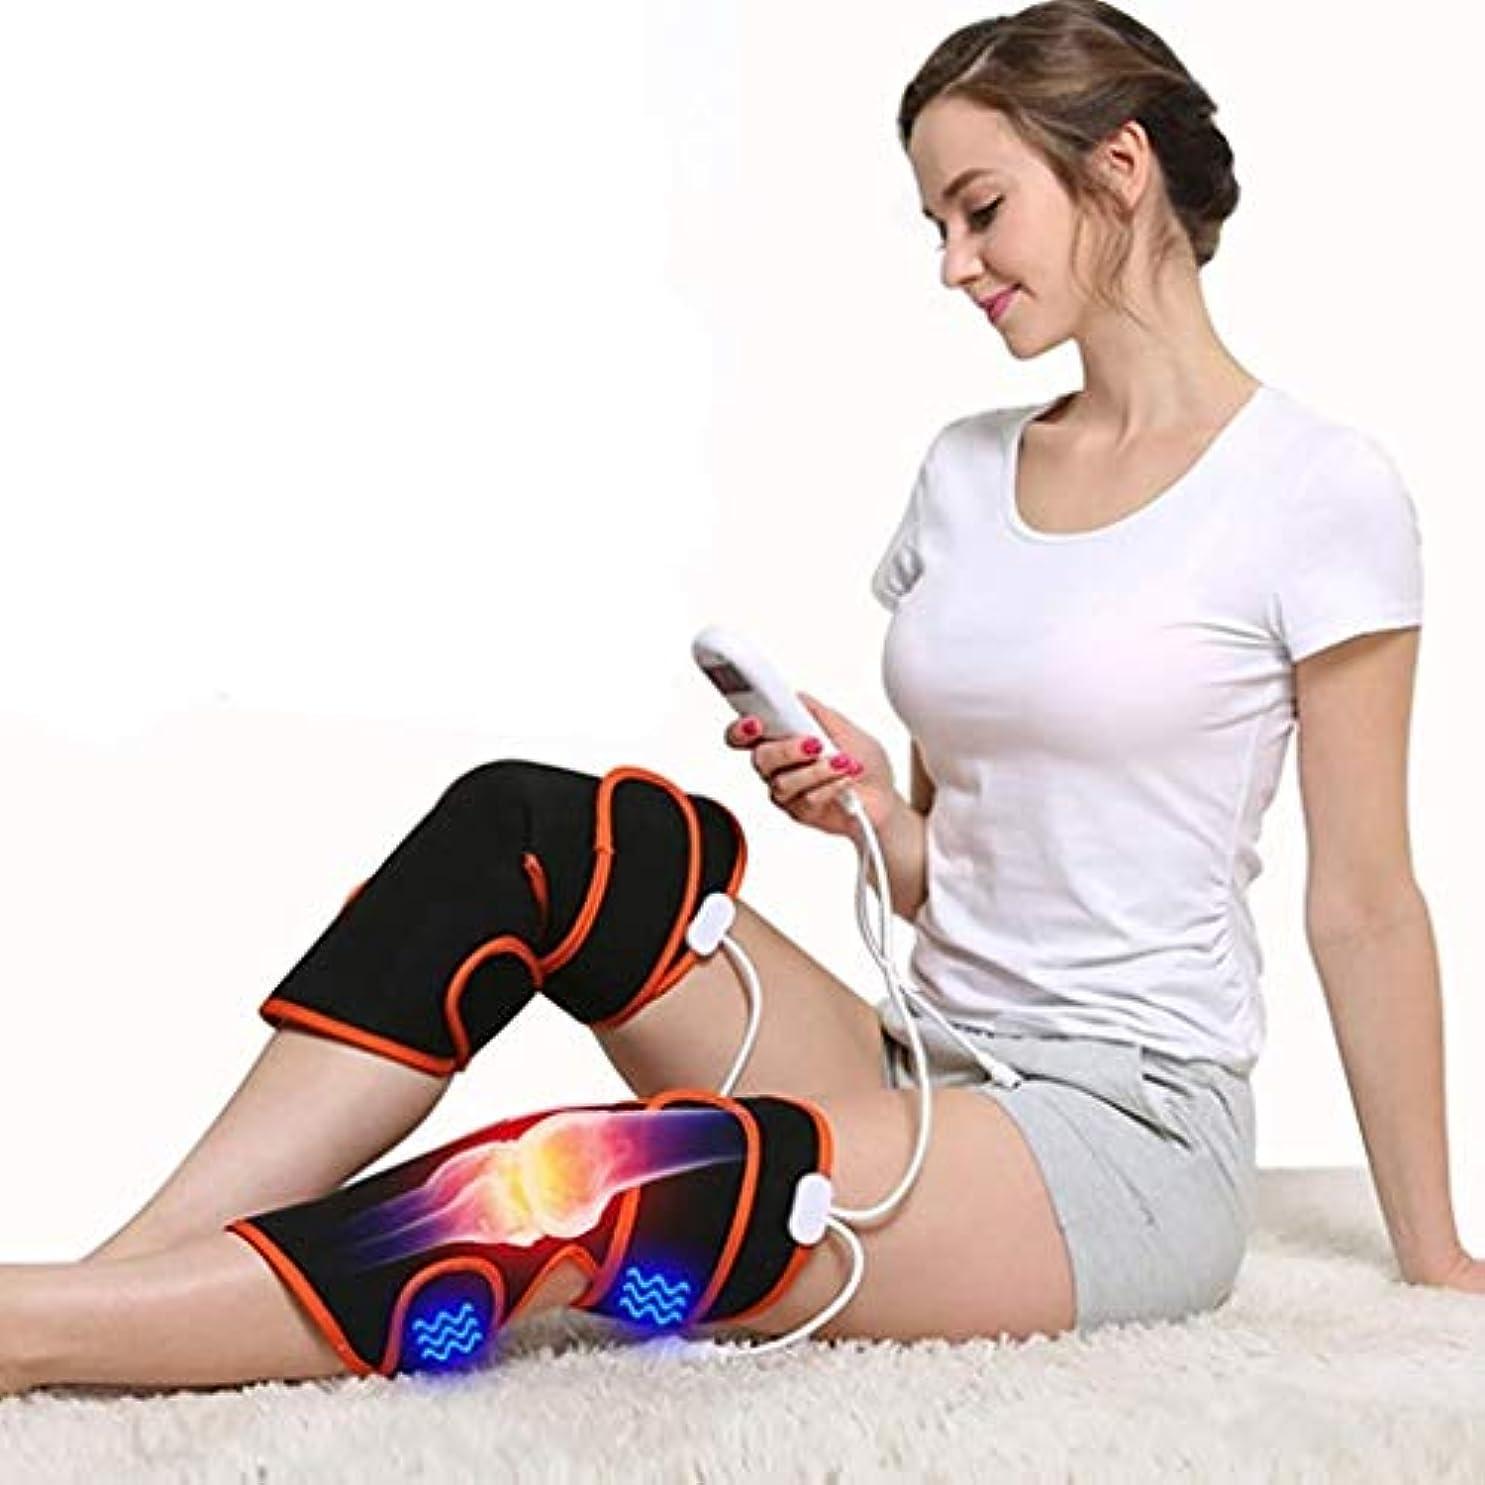 赤字置換会うレッグマッサージャー、膝用電熱パッド、9種類のマッサージモードと5種類の調整可能な温かい温熱療法